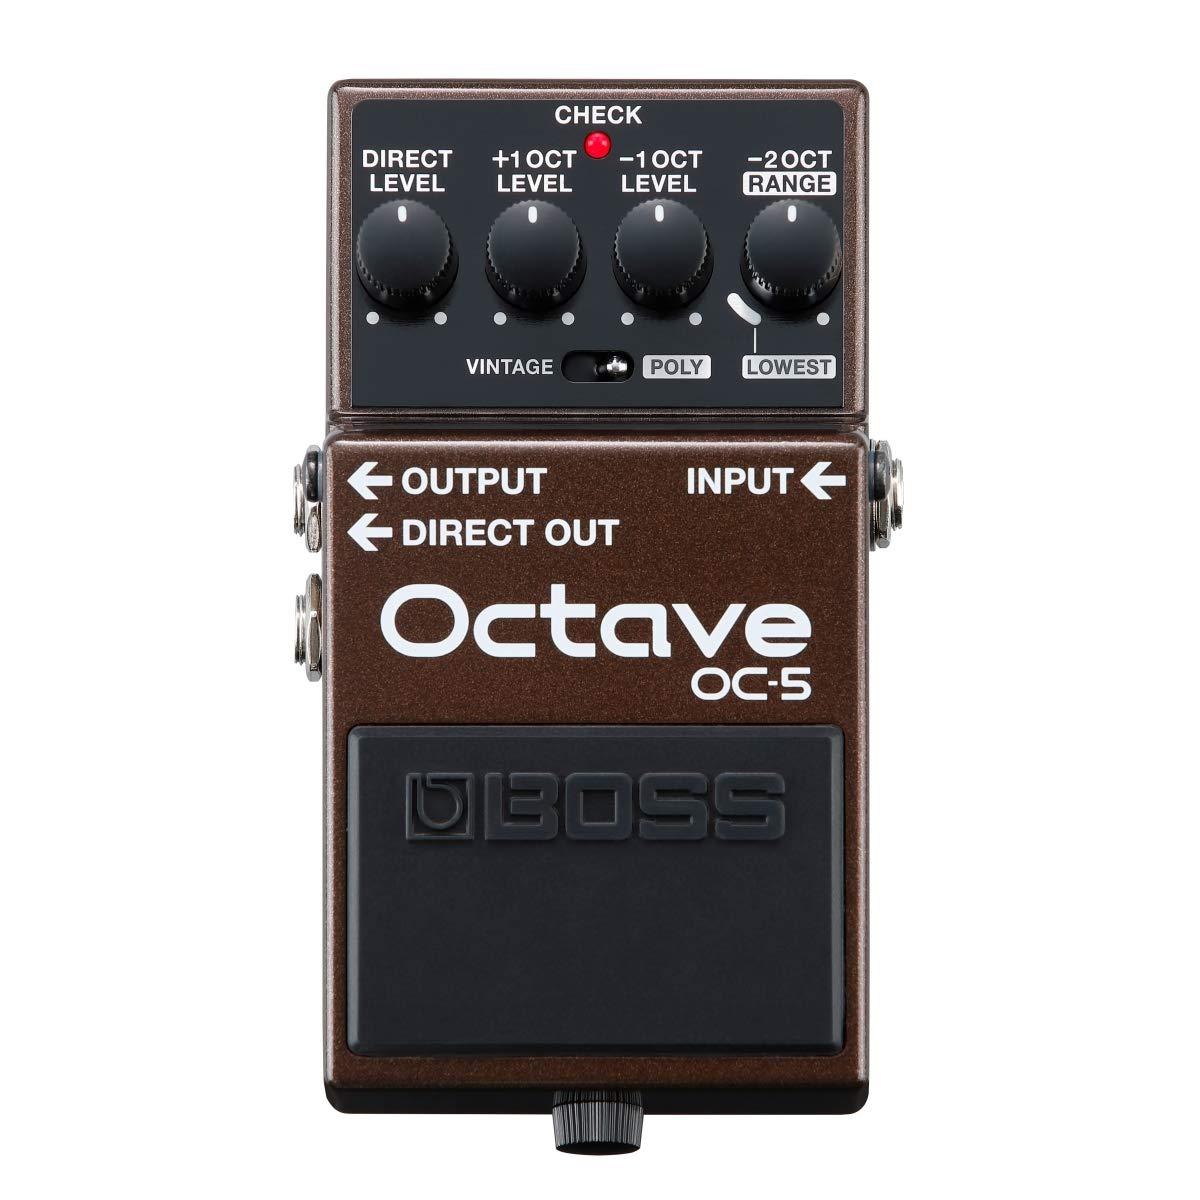 リンク:OC-5 Octave